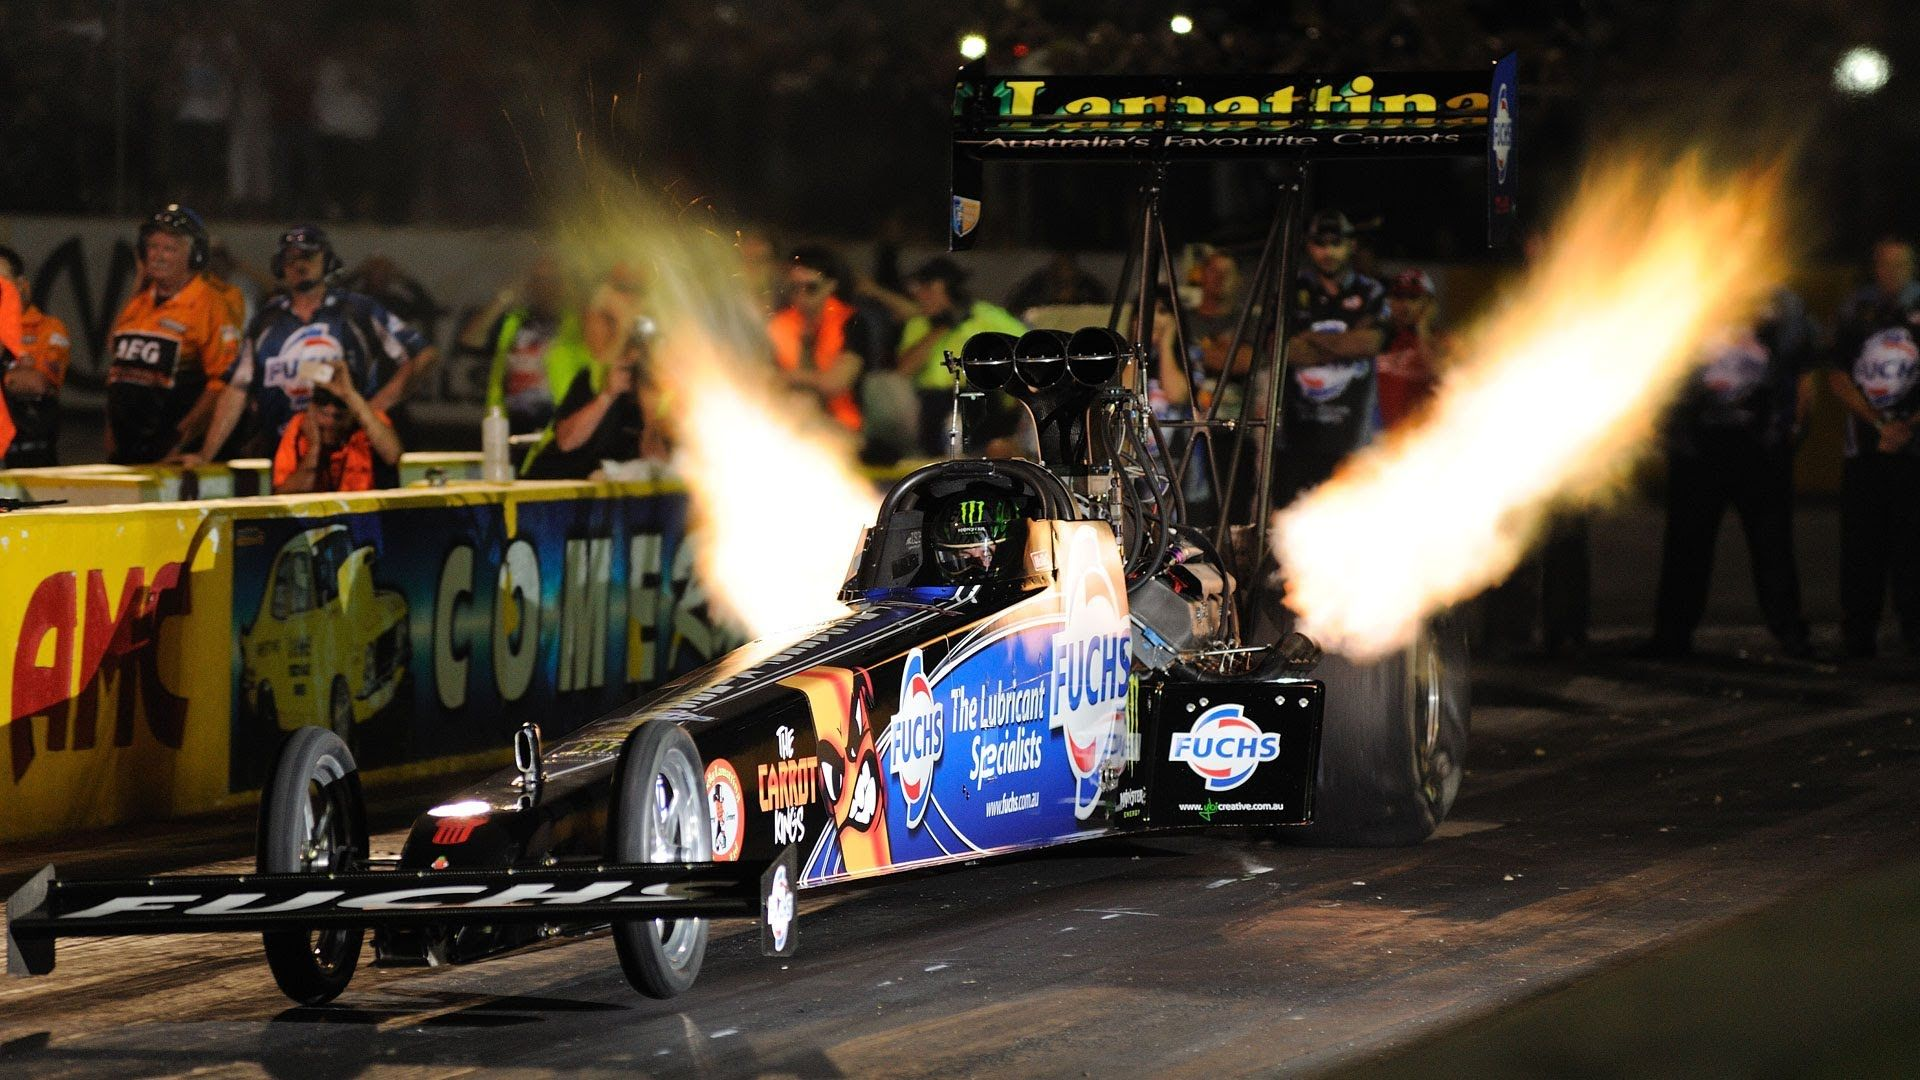 Top Fuel Drag Racing Fuchs Nationals Drag Racing Top Fuel